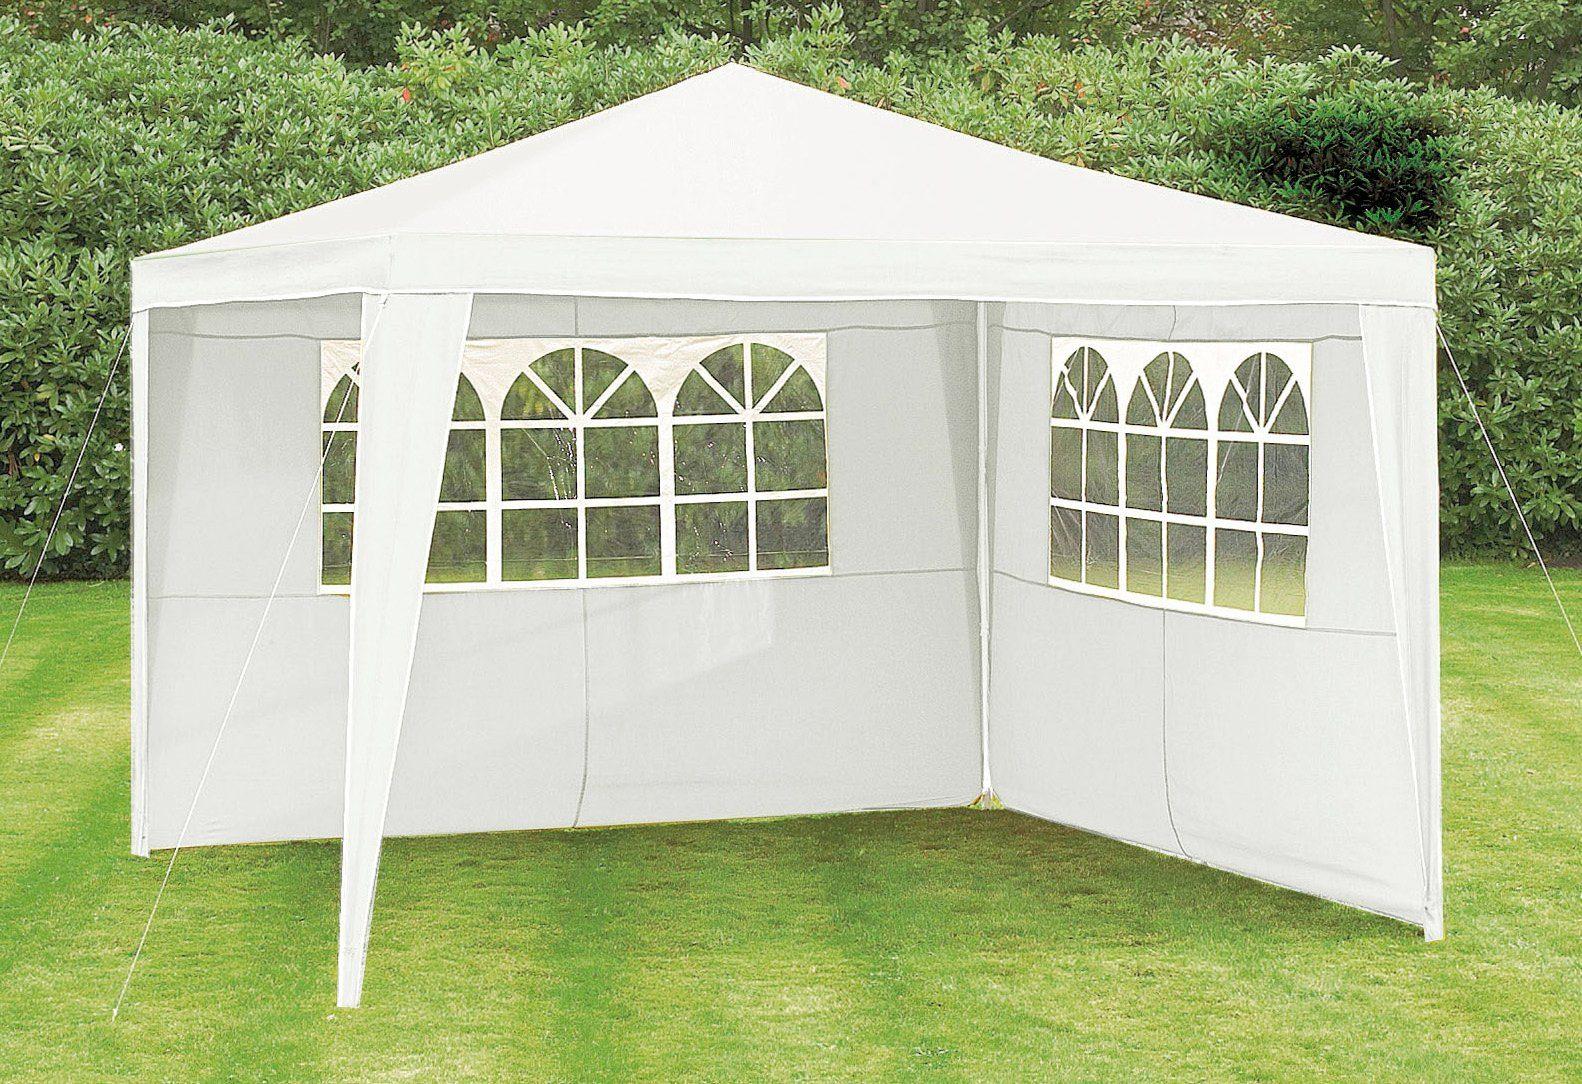 Seitenteile für Pavillon »Party«, 300 x 300 cm, weiß, 2 Stk.